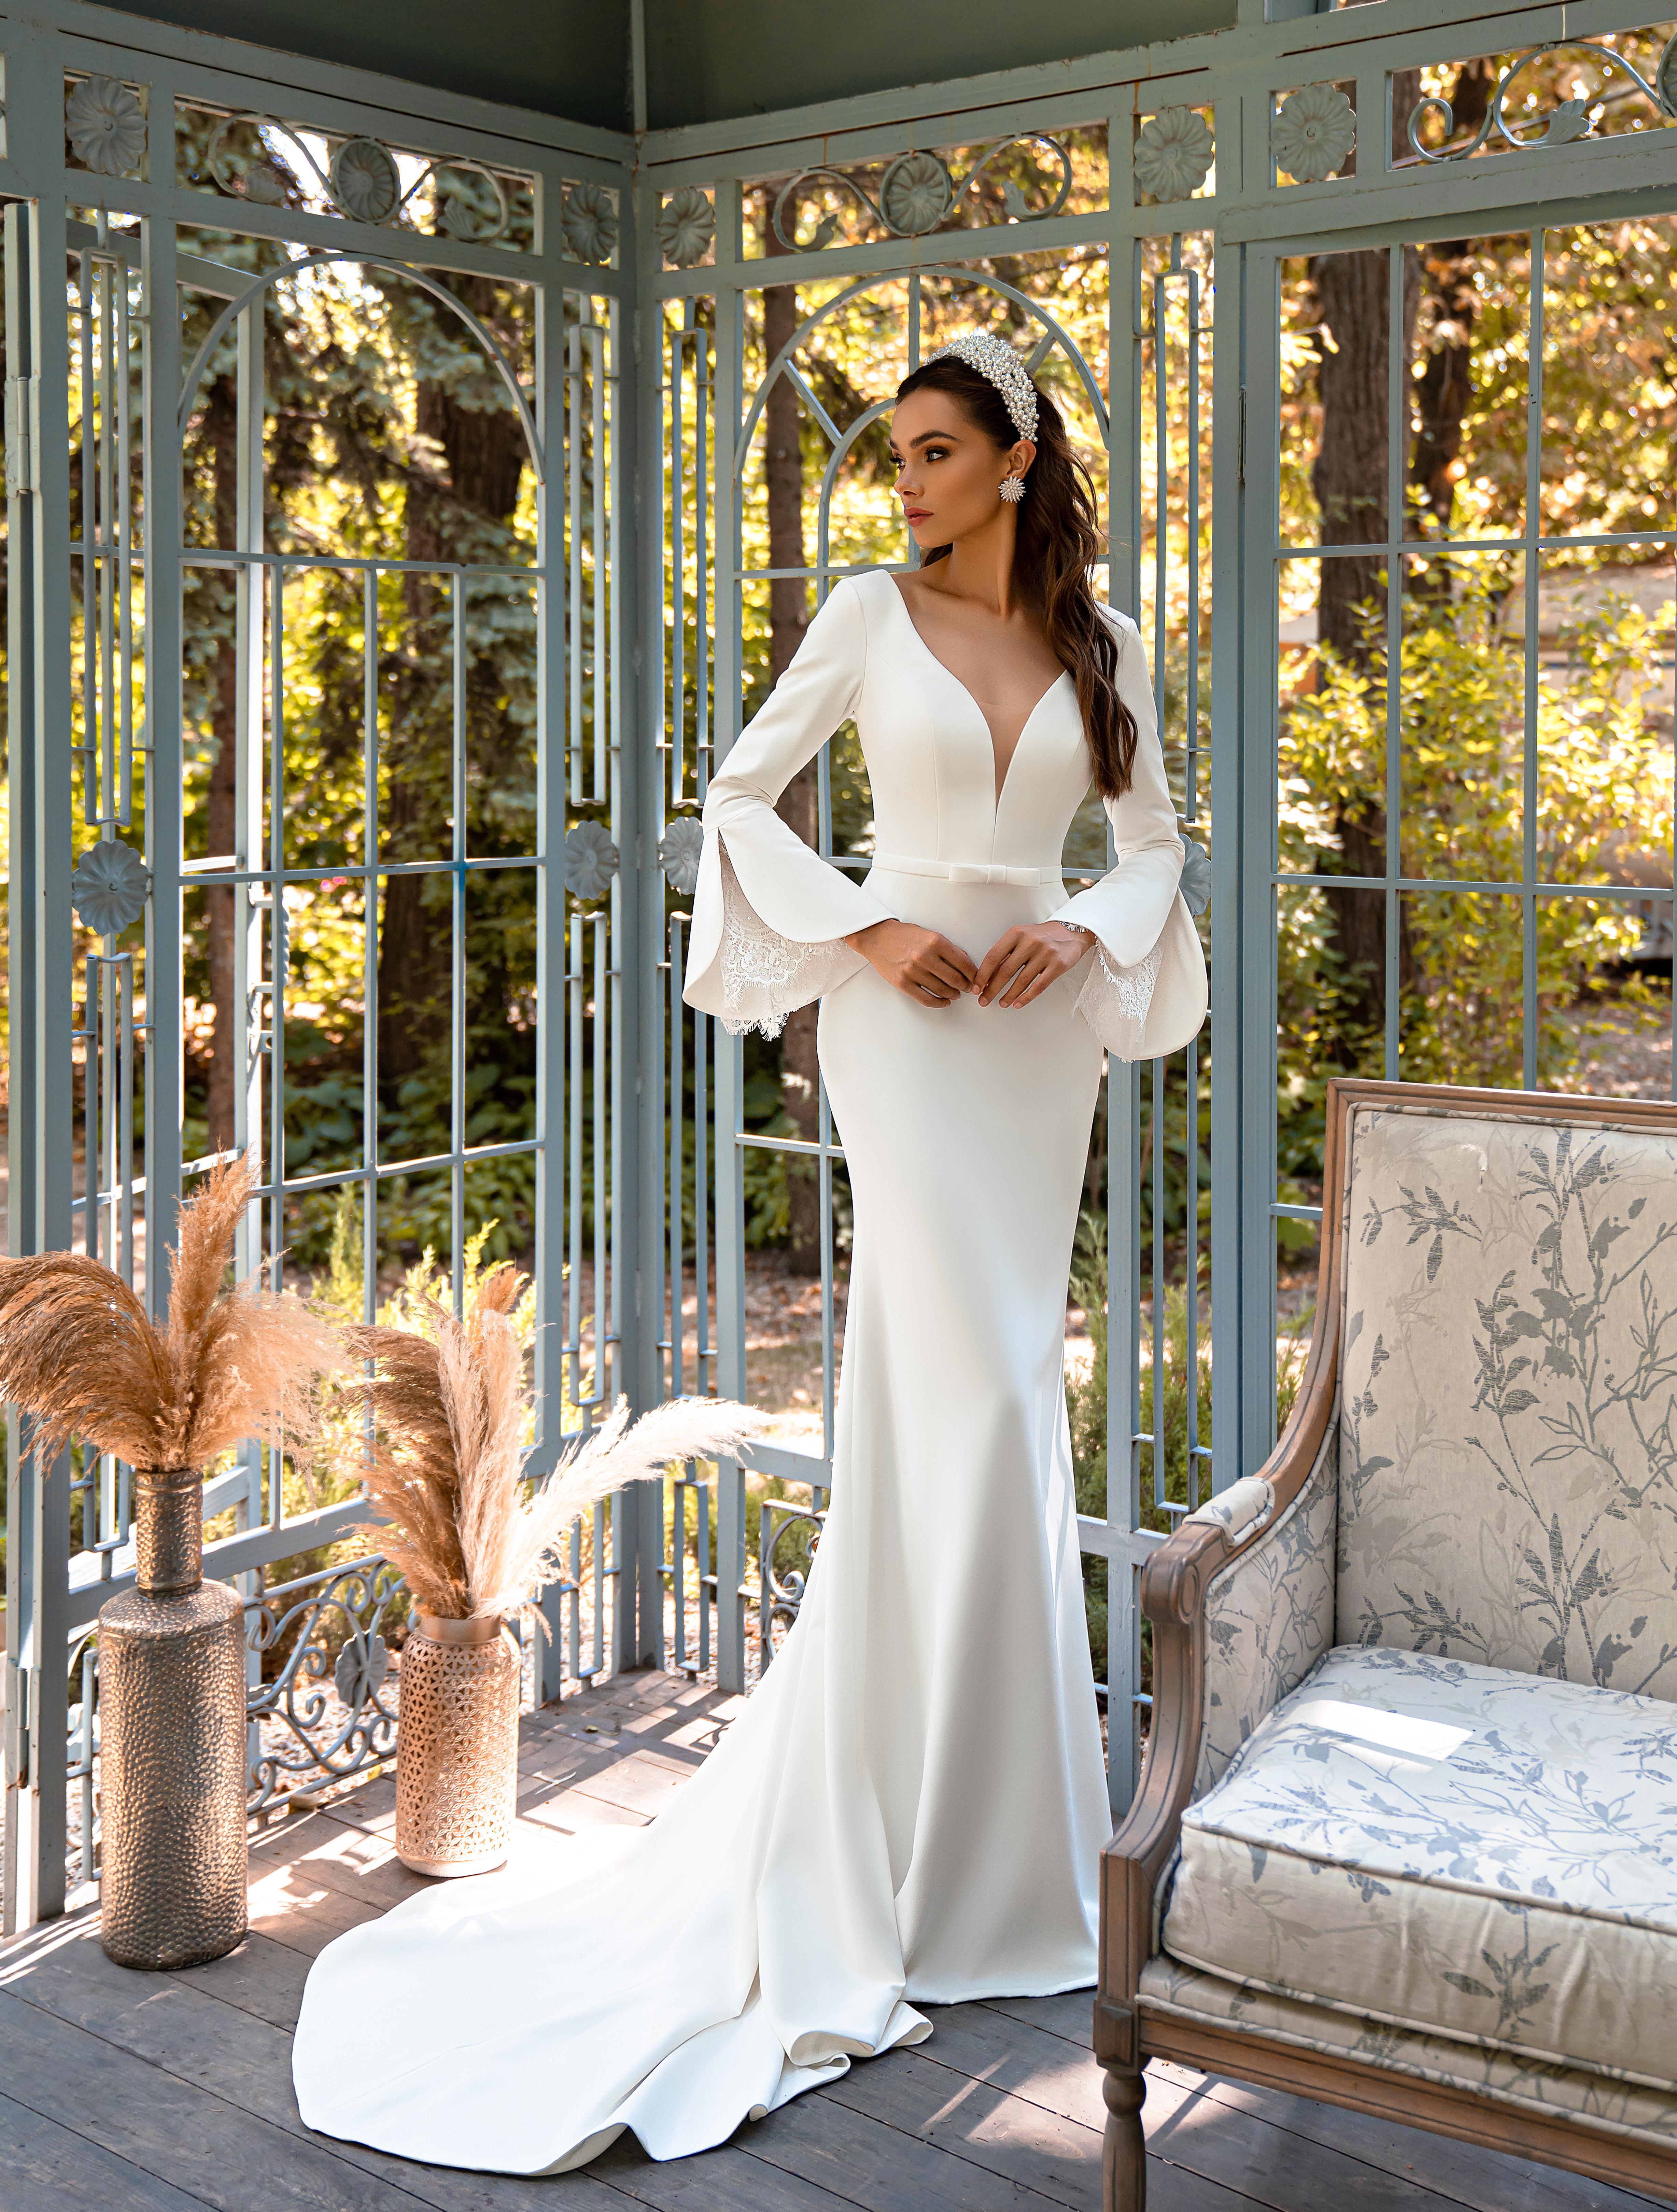 Bесільна сукня в стилі «мінімалізм»-1